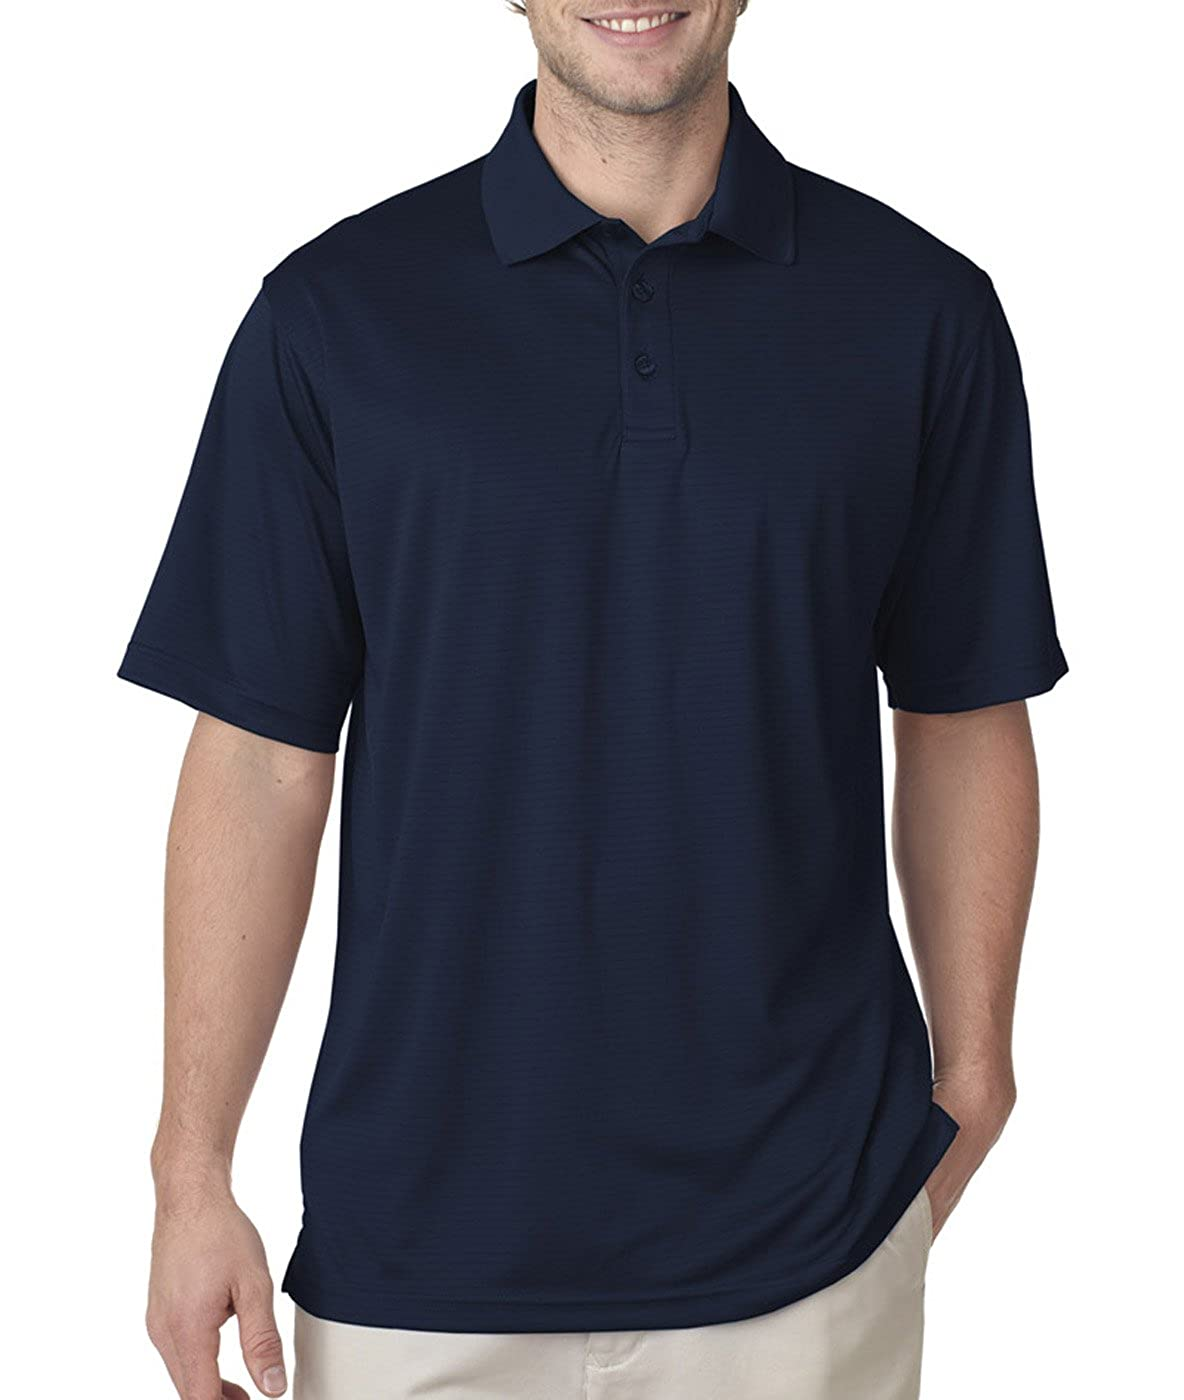 Ultraclub 8220 Mens Cool /& Dry Jacquard Stripe Polo